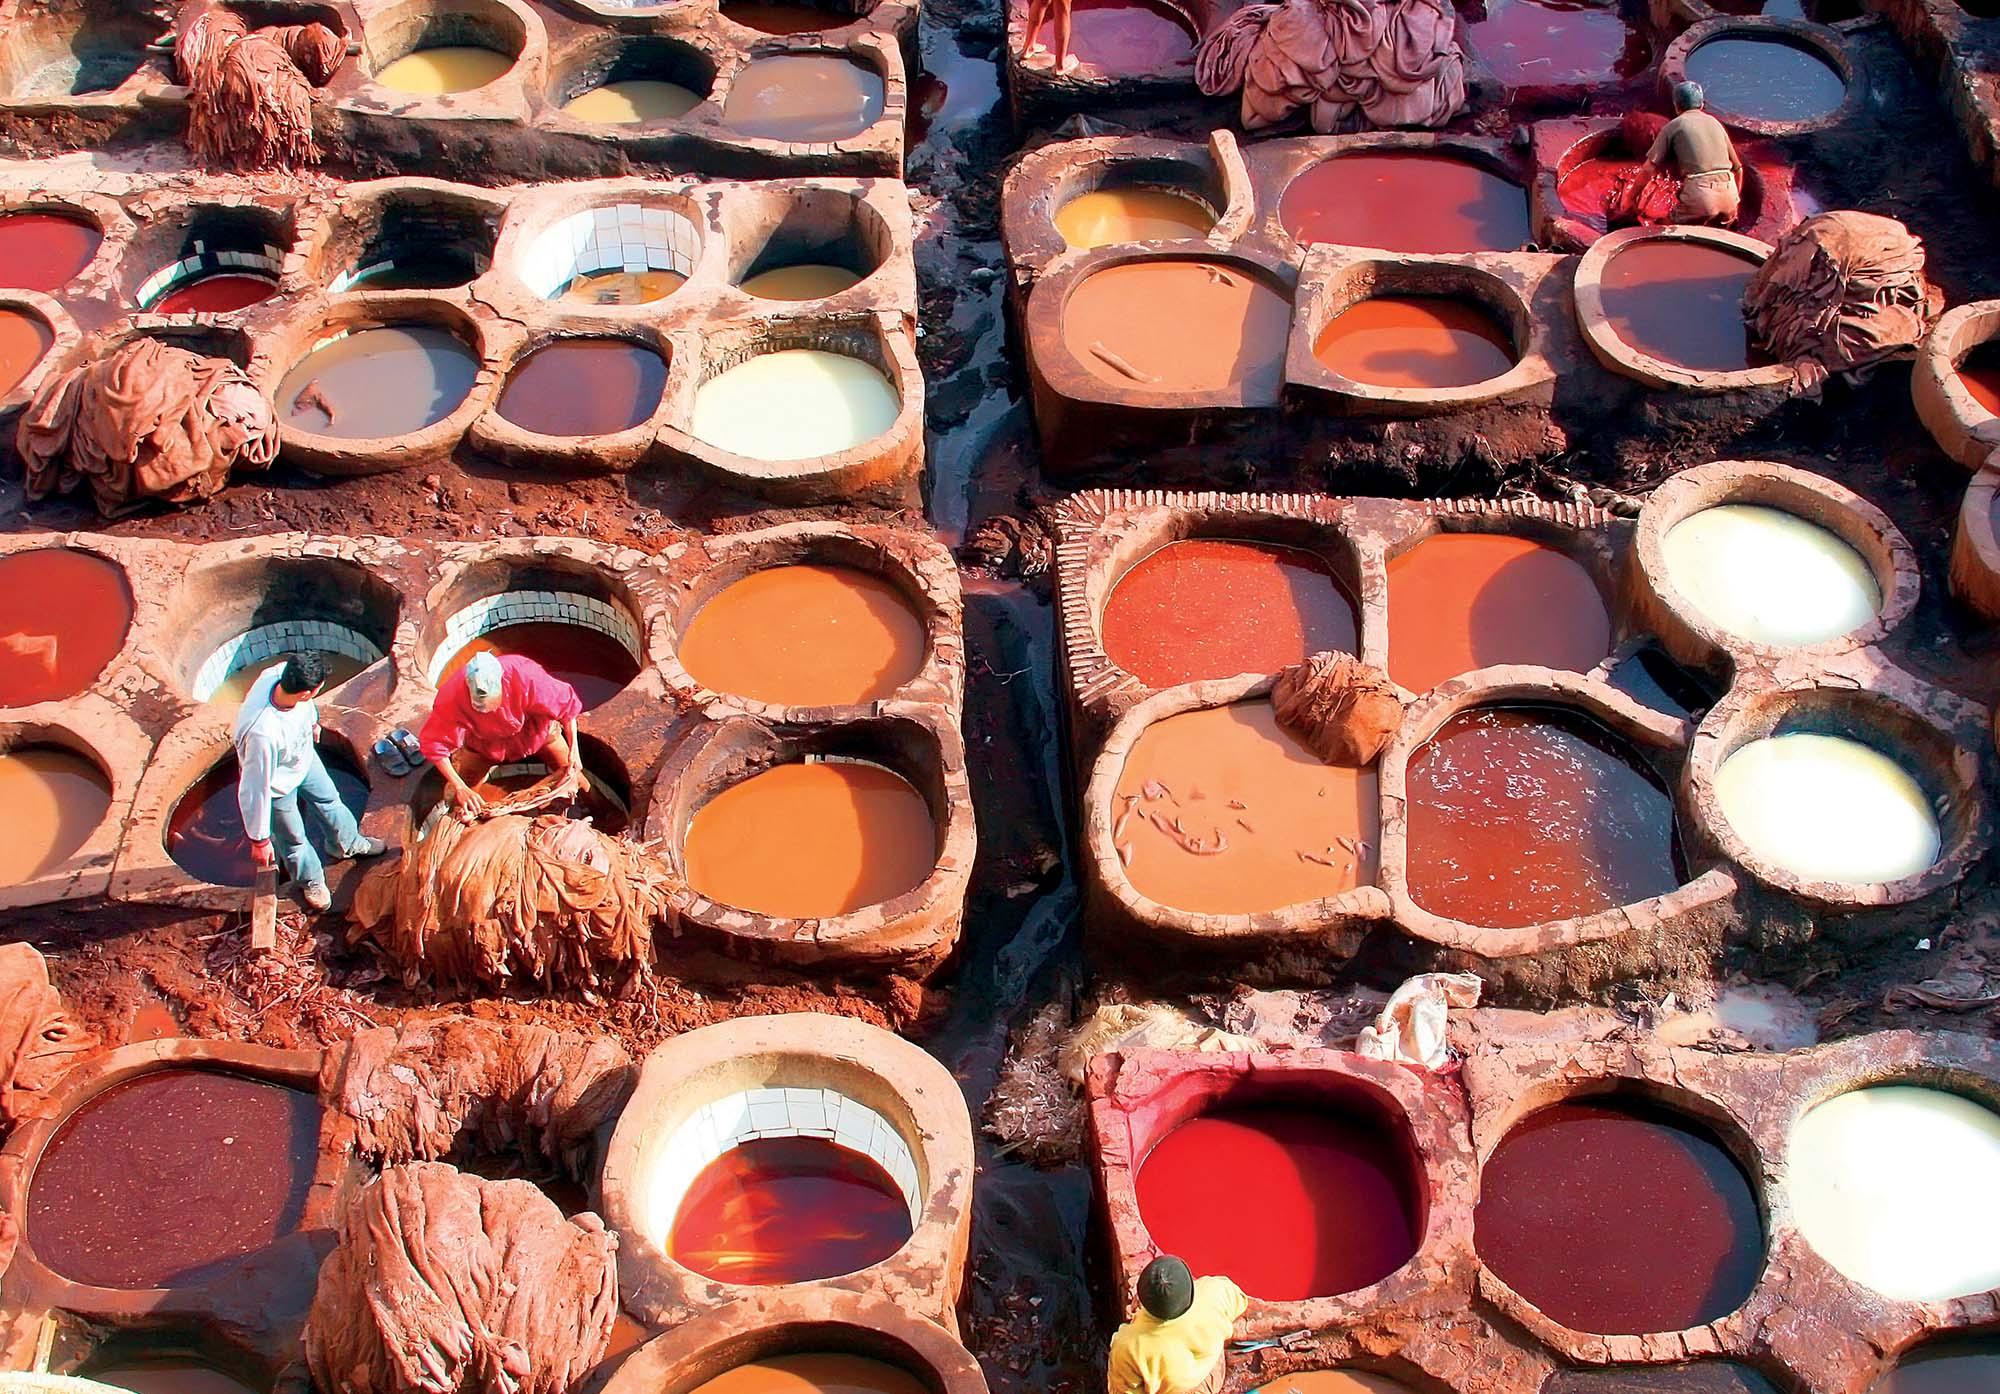 Morocco du lịch những vại màu nhuộm đa sắc